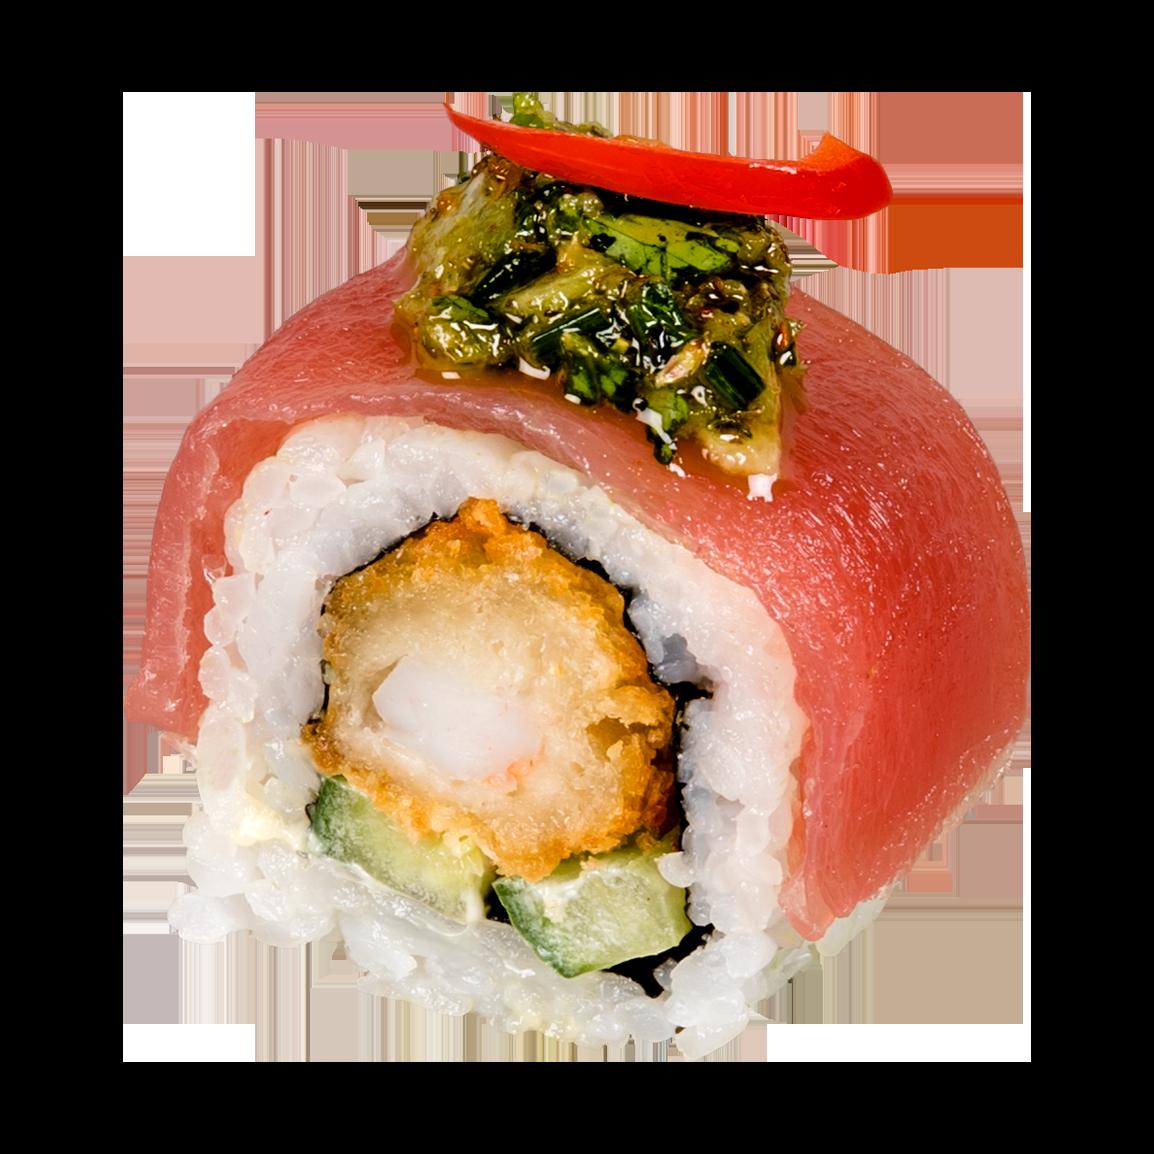 Au dessus : Thon tataki, poivron, salsa chimichuri.<br /> A l'intérieur : Crevette tempura, concombre, sauce légèrement épicée.